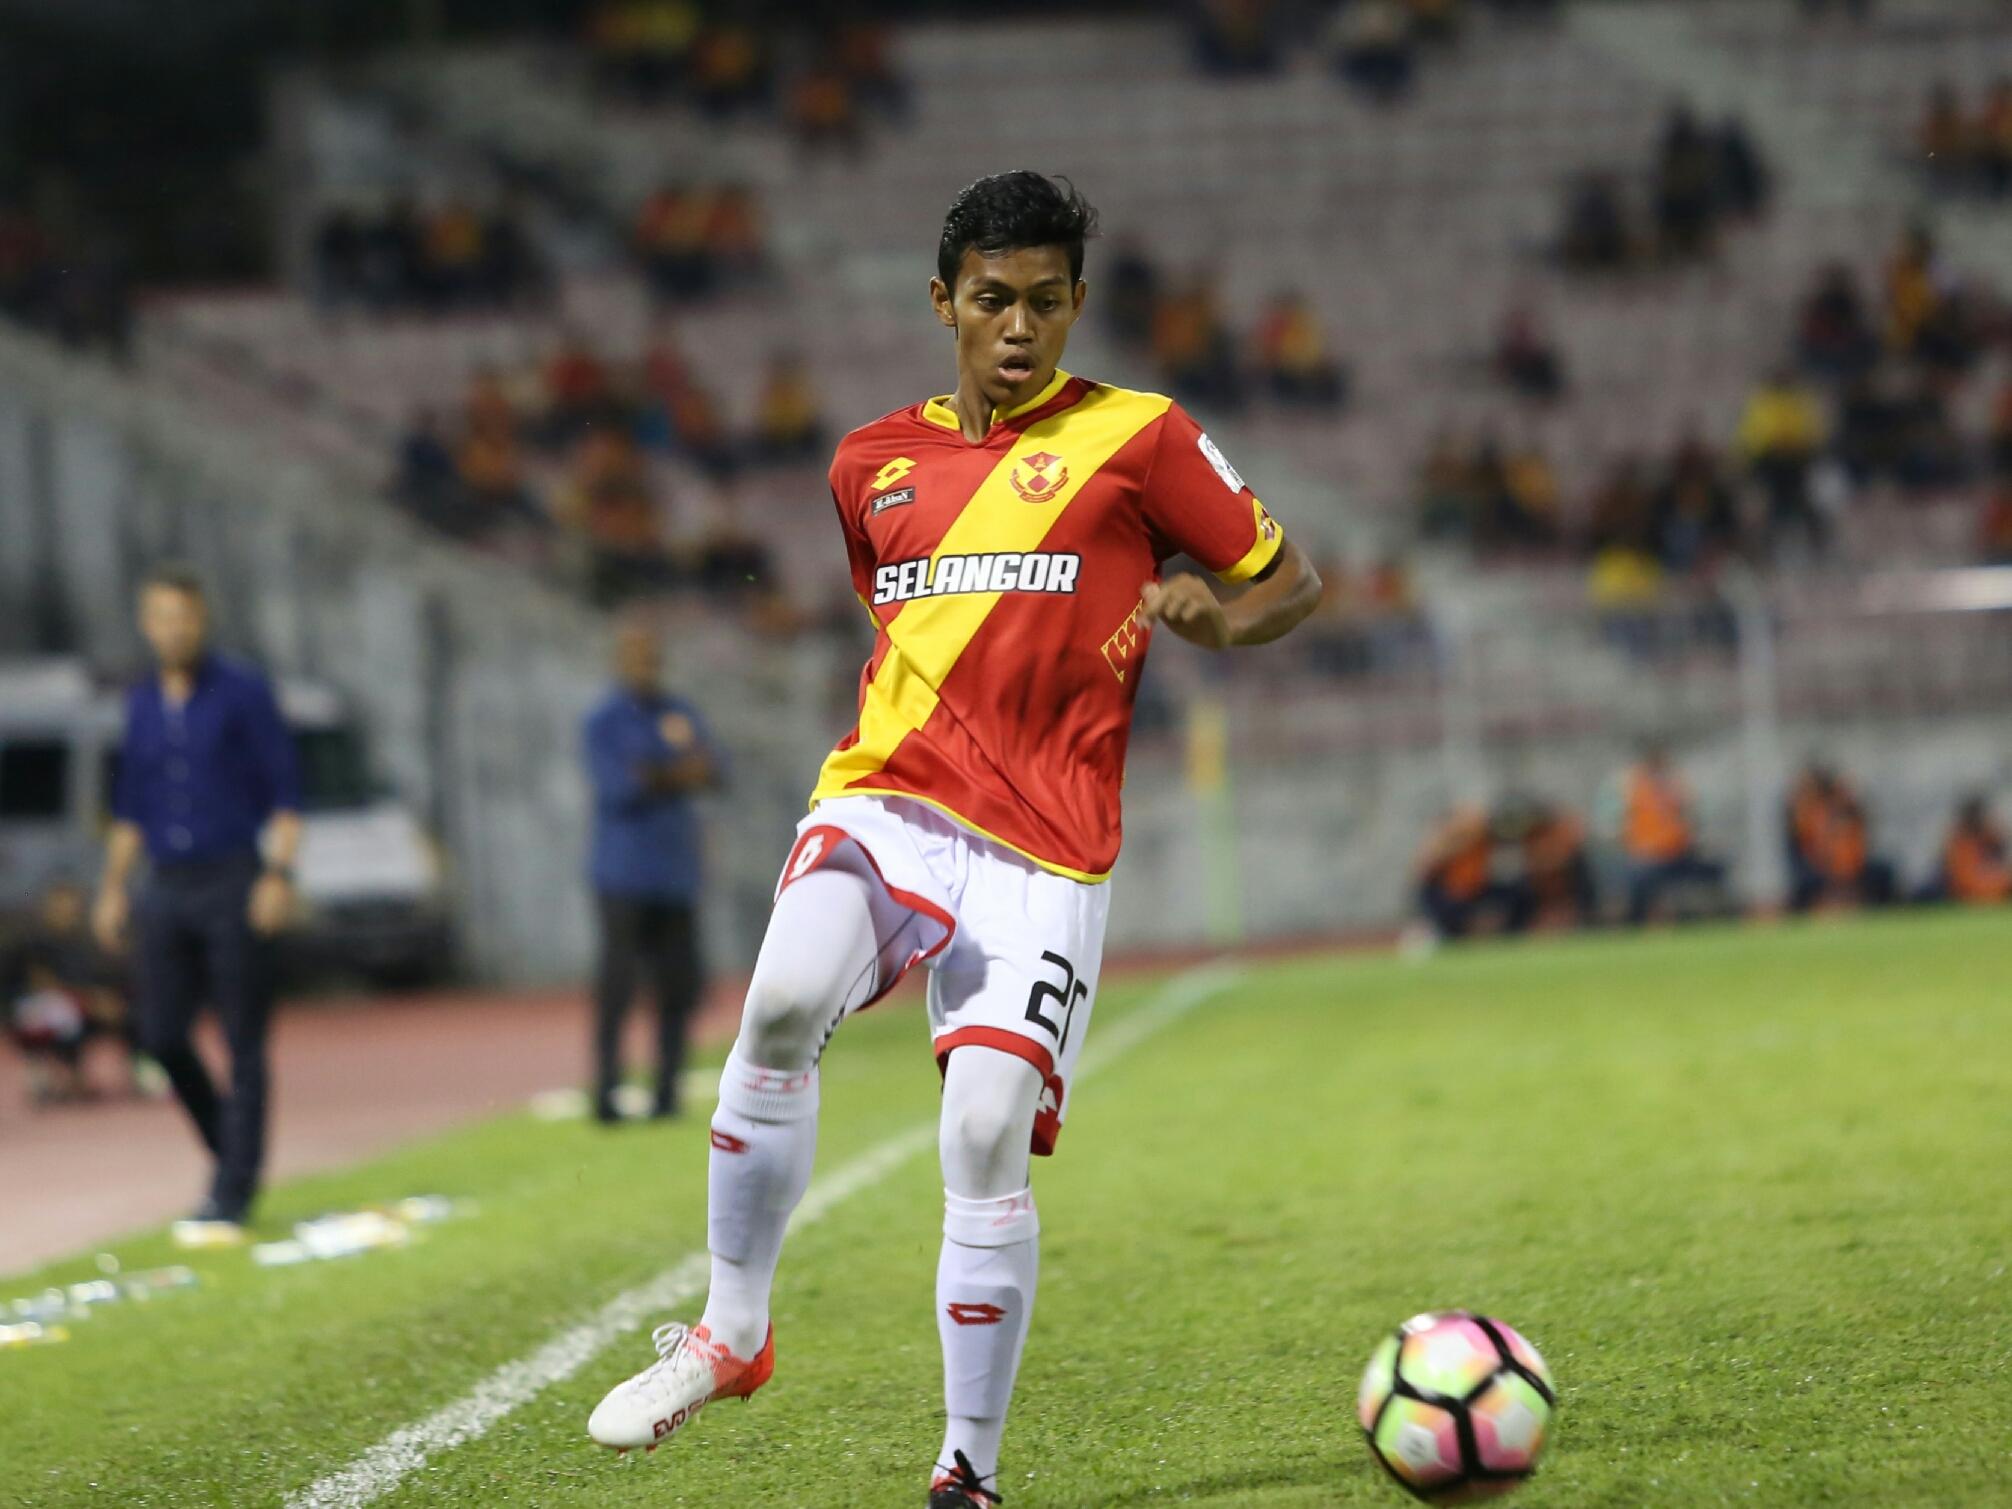 Selangor's Syahmi Safari playing against Pulau Pinang 21/1/2017